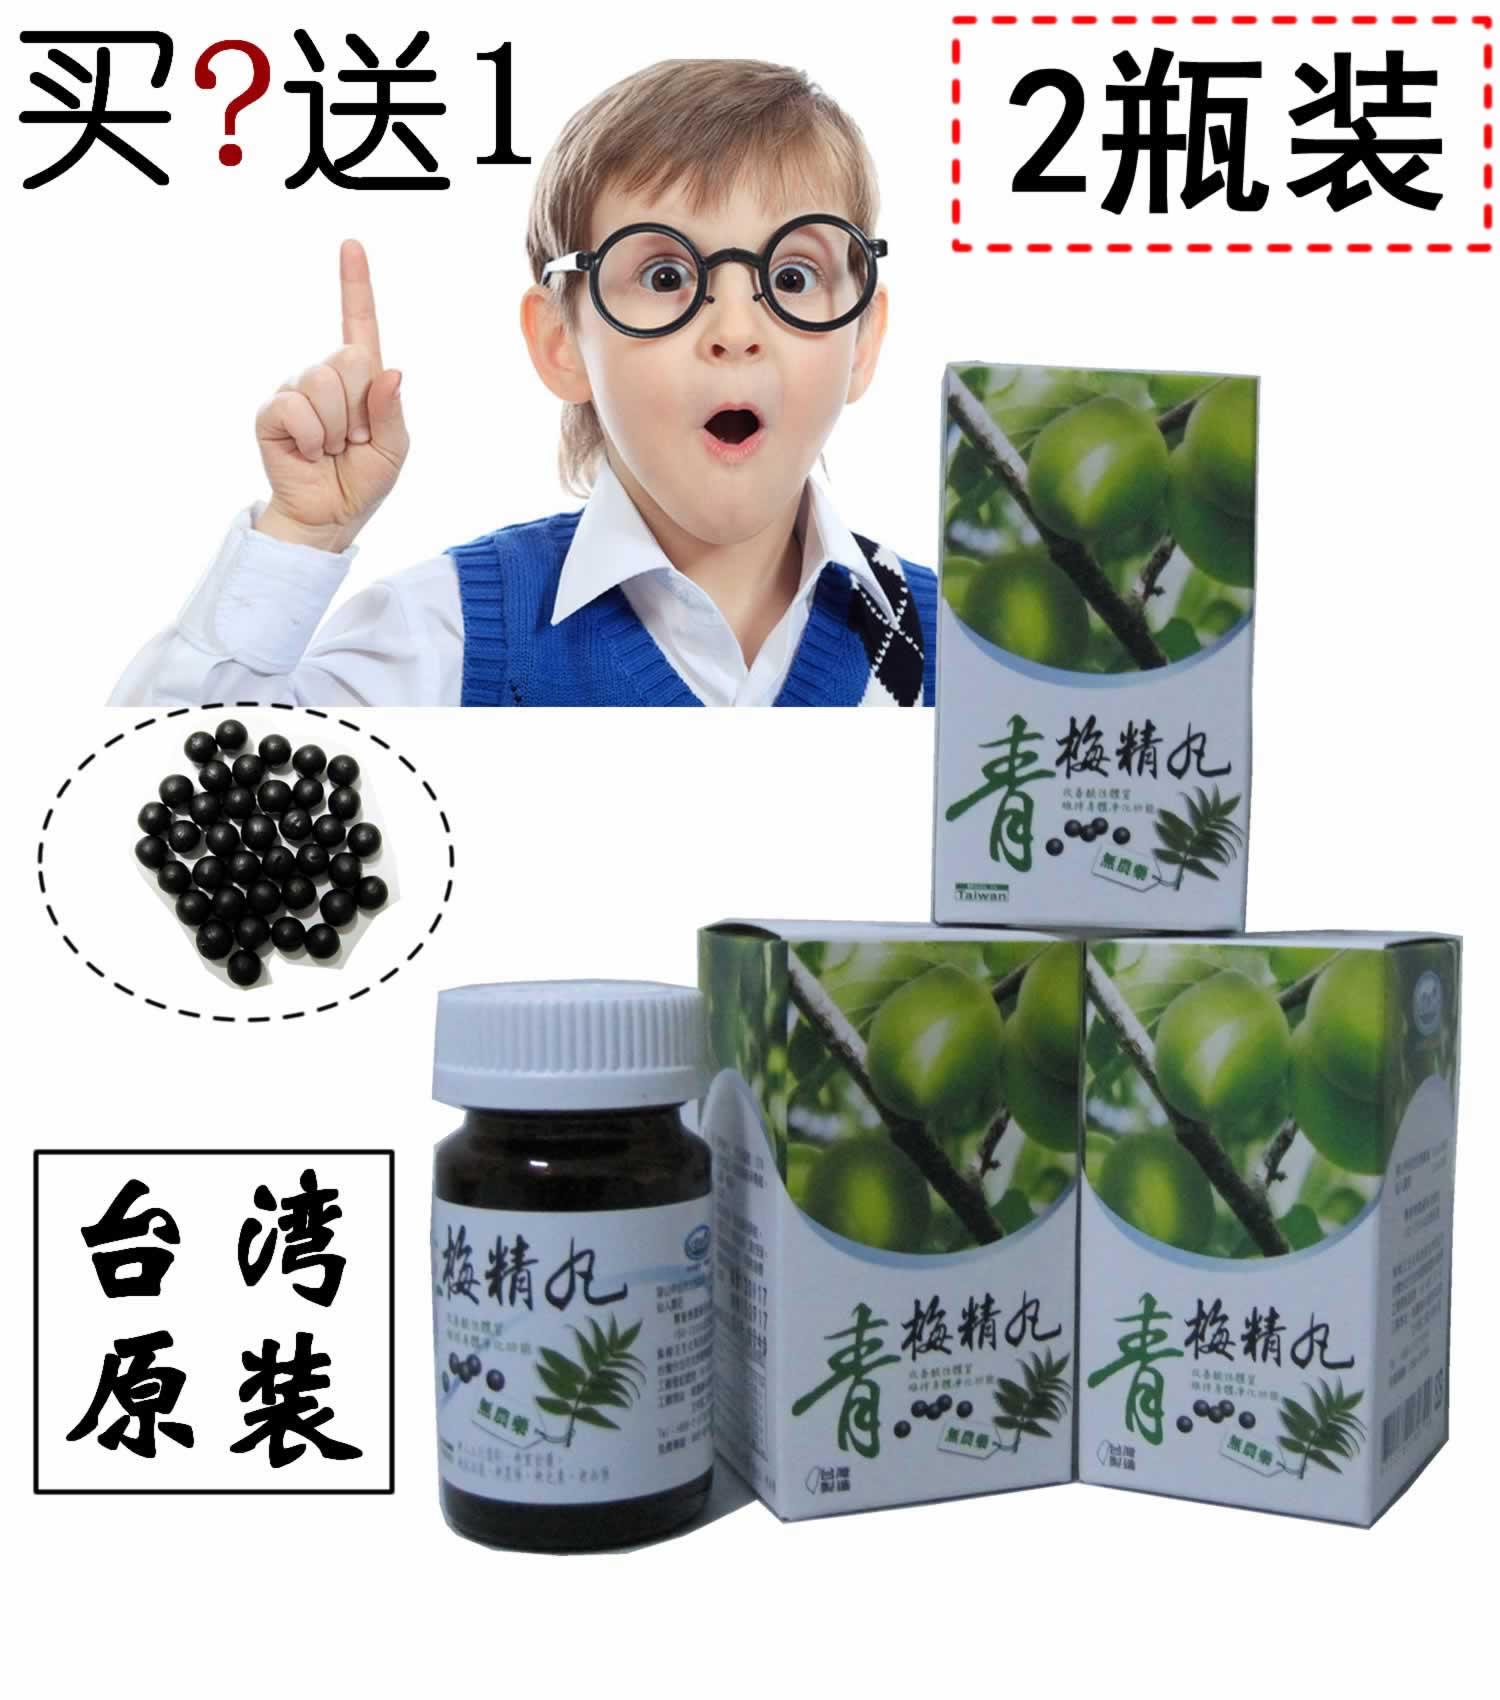 2瓶台湾进口紫梅王青梅精丸浓缩梅子精华强碱性食品炼梅锭180粒